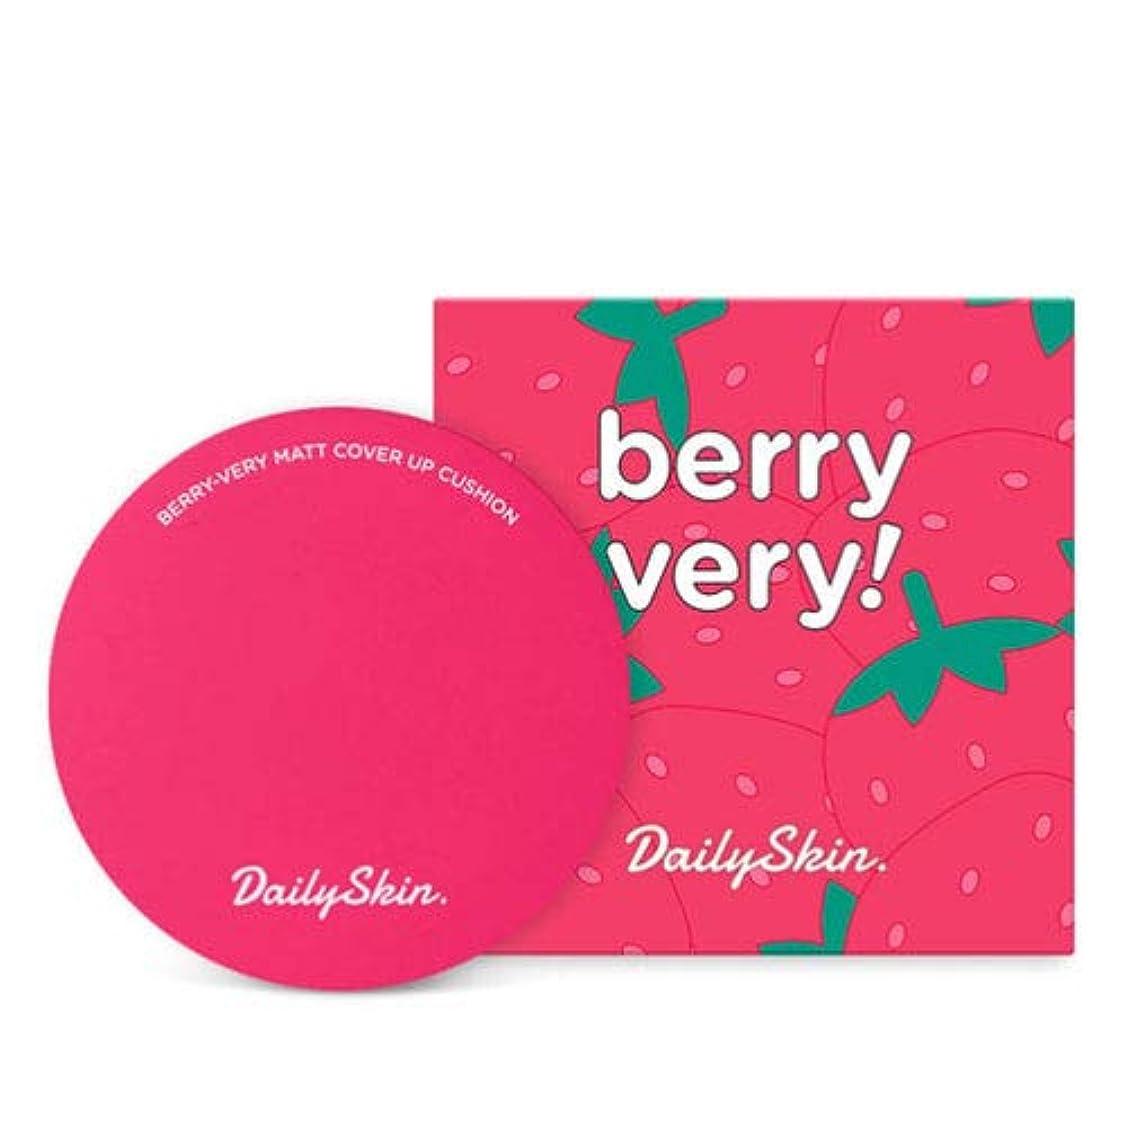 流出推進力電話をかけるDaily Skin Berry Very Matt Cover Up Cushion (No.23 Berry Natural) ]デイリースキン いちごマット カバー アップ クッション [並行輸入品]